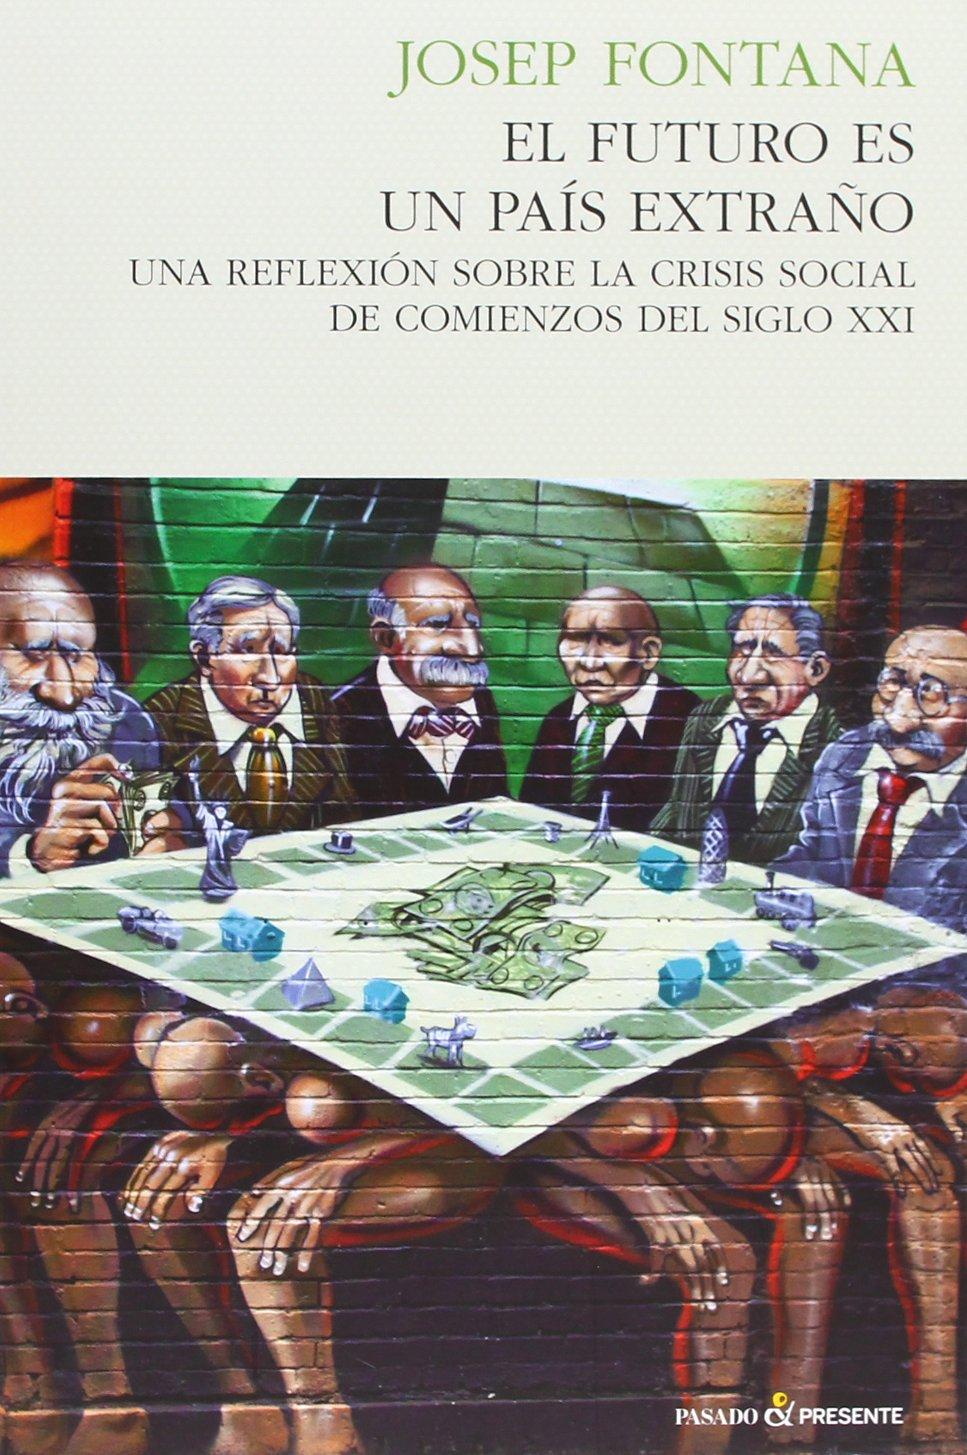 El futuro es un país extraño: Una reflexión sobre la crisis social de comienzos del siglo xxi HISTORIA: Amazon.es: Fontana, Josep: Libros